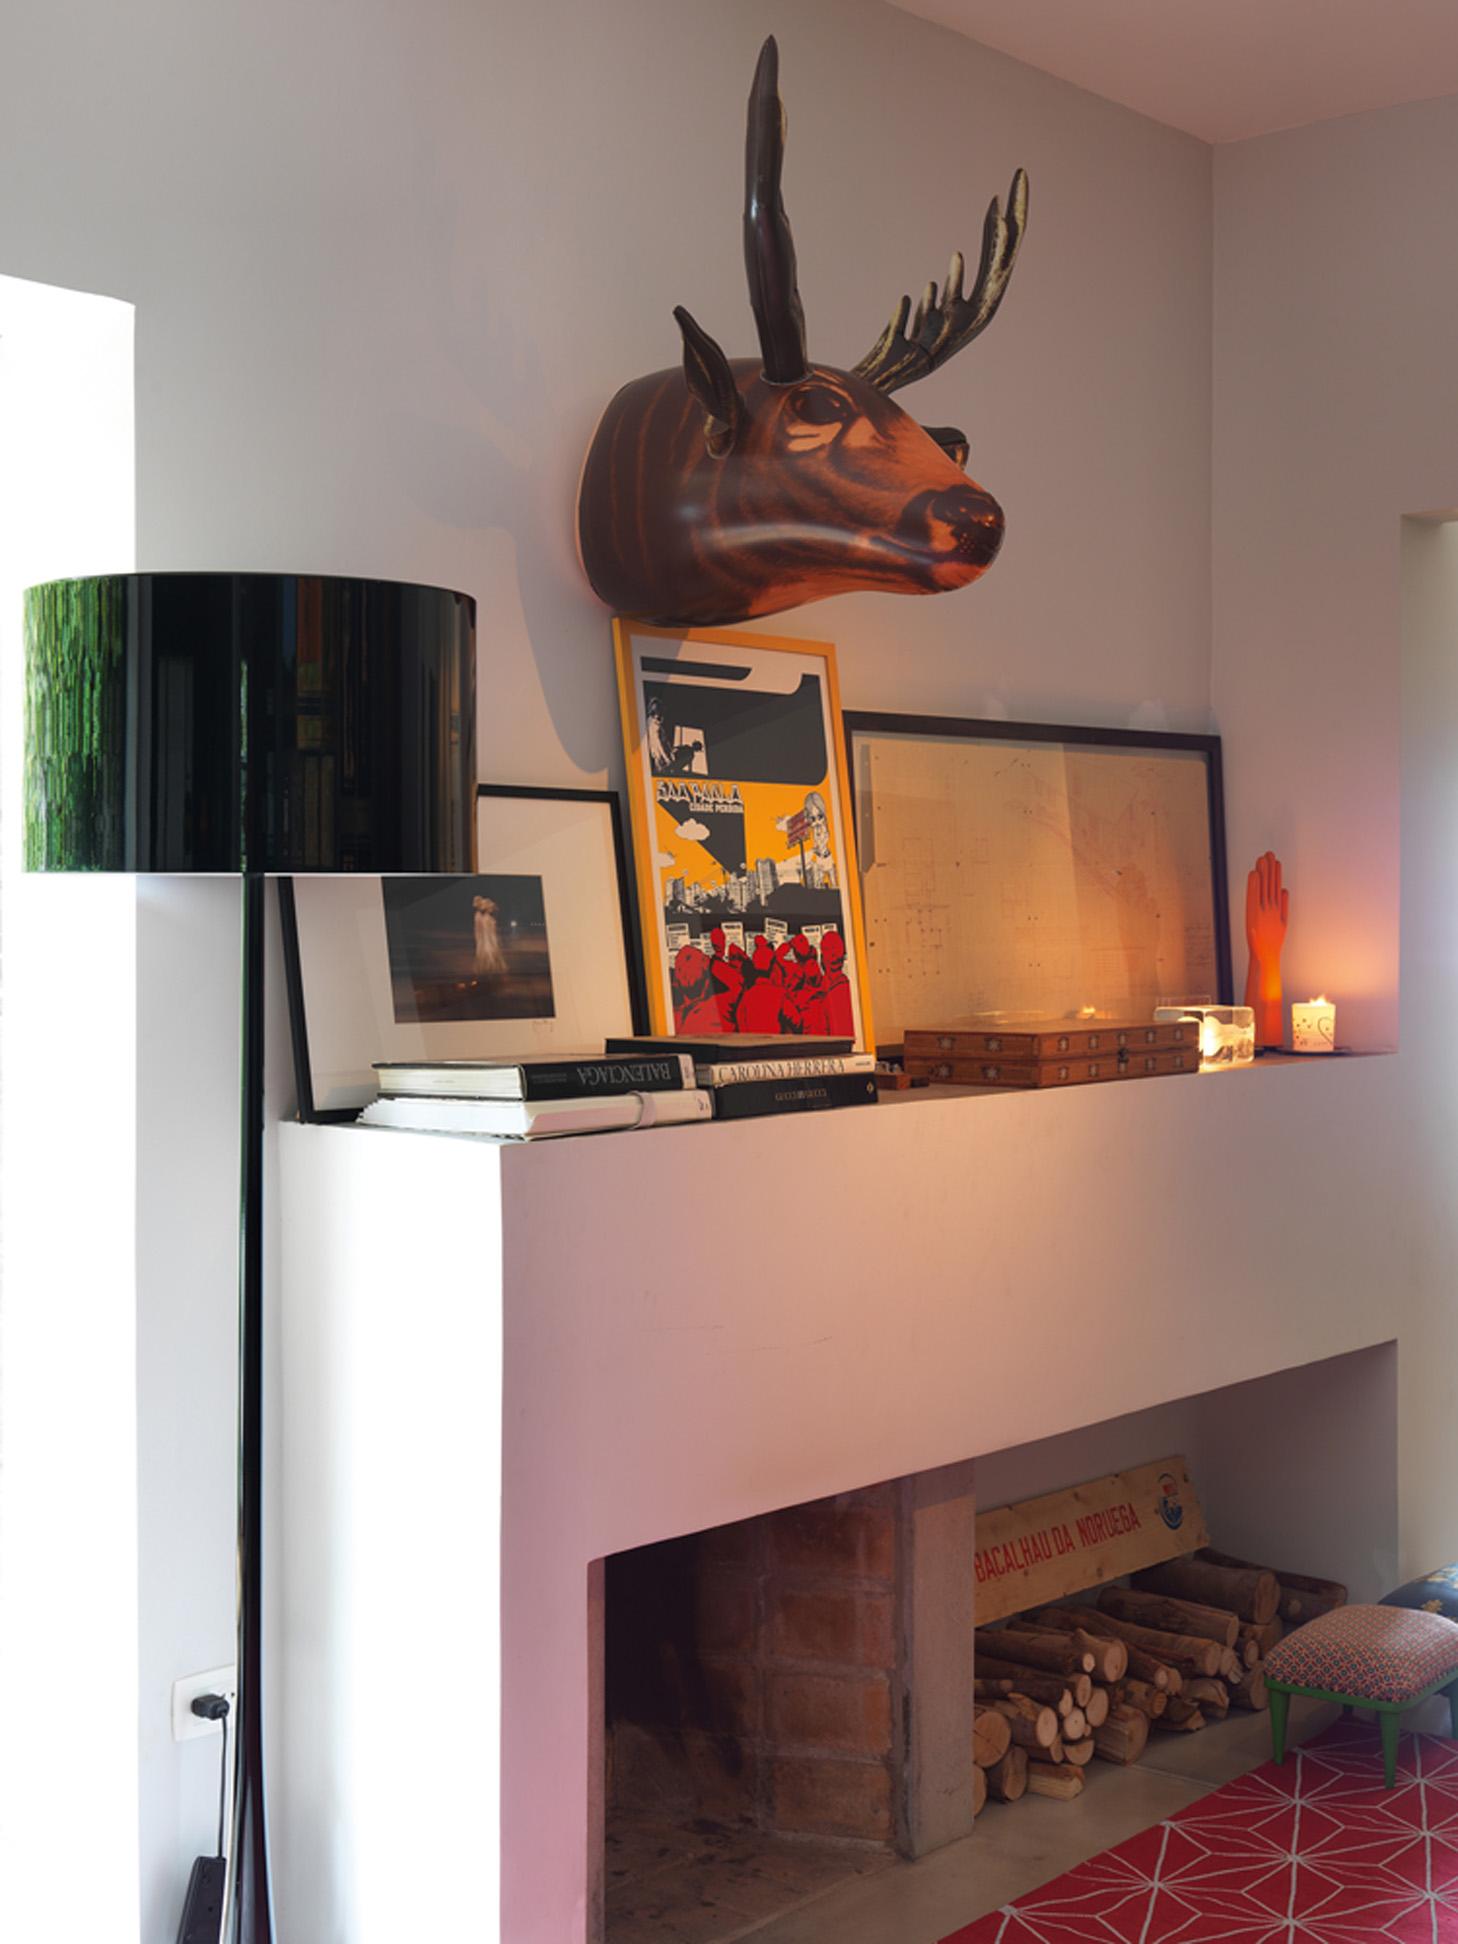 Peça-chave: O alce inflável foi comprado no Brooklyn, em Nova York. A luminária é da marca Flos